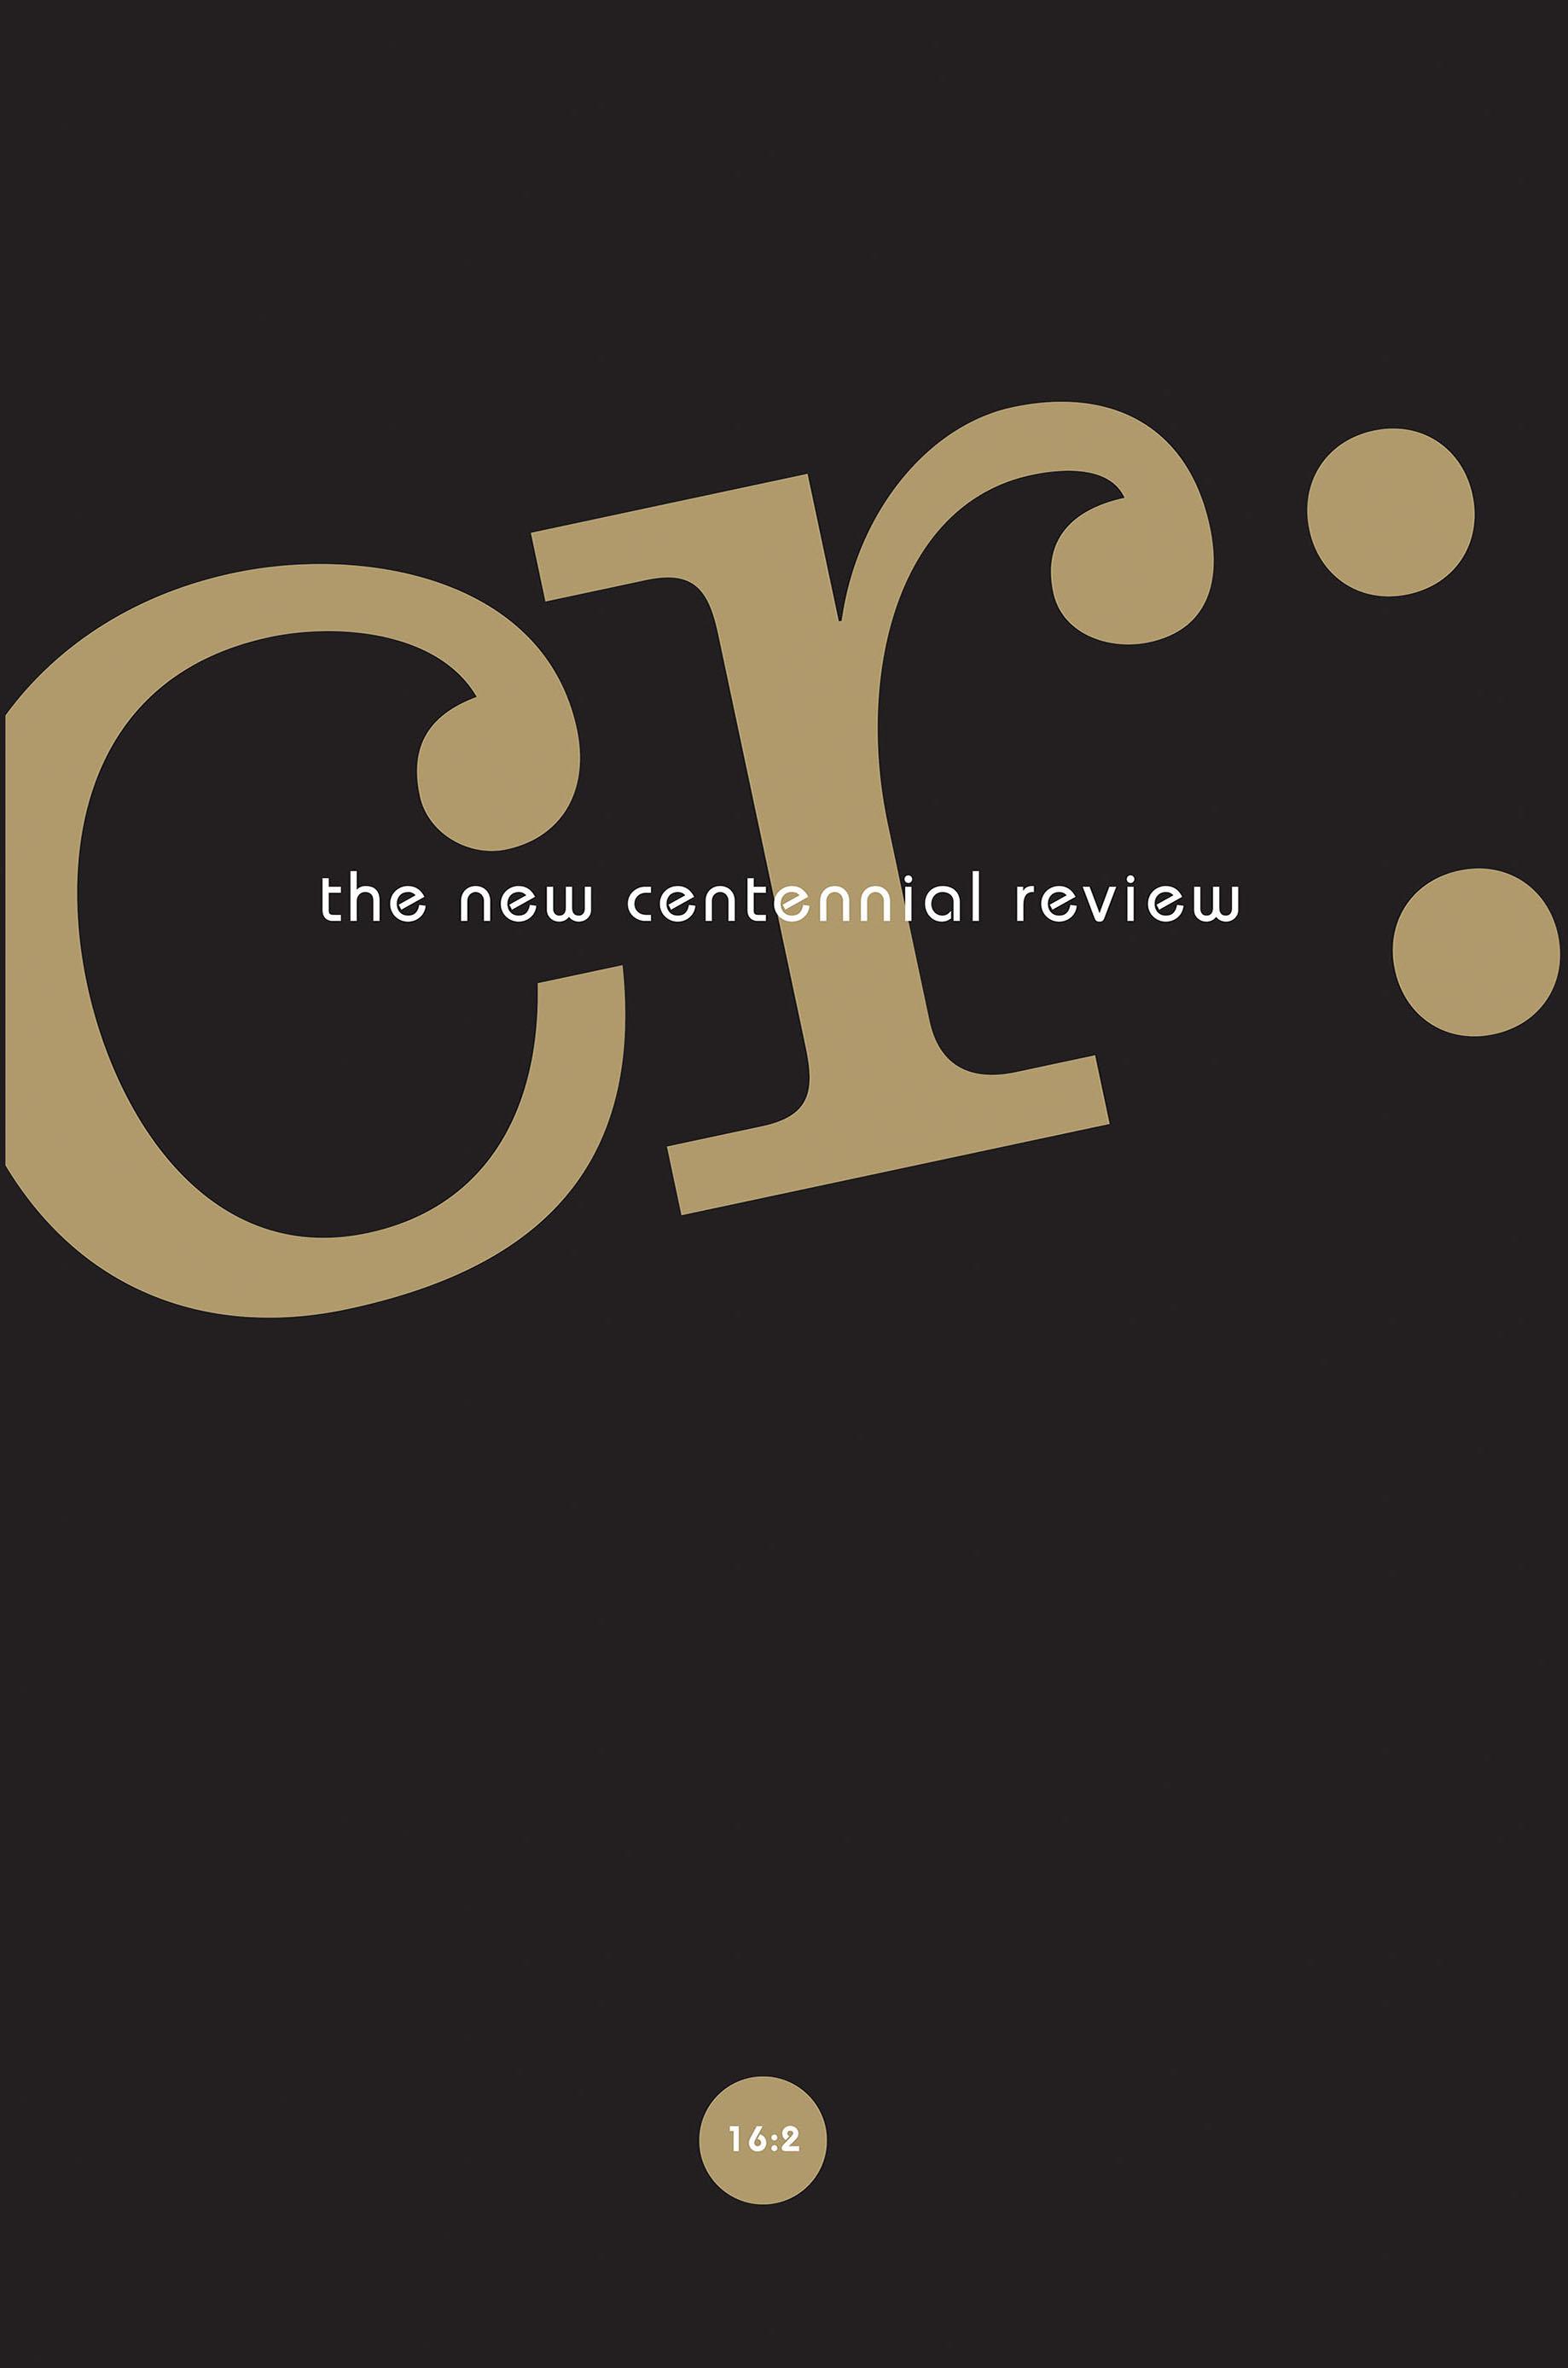 CR: The New Centennial Review 16, no. 2 cover